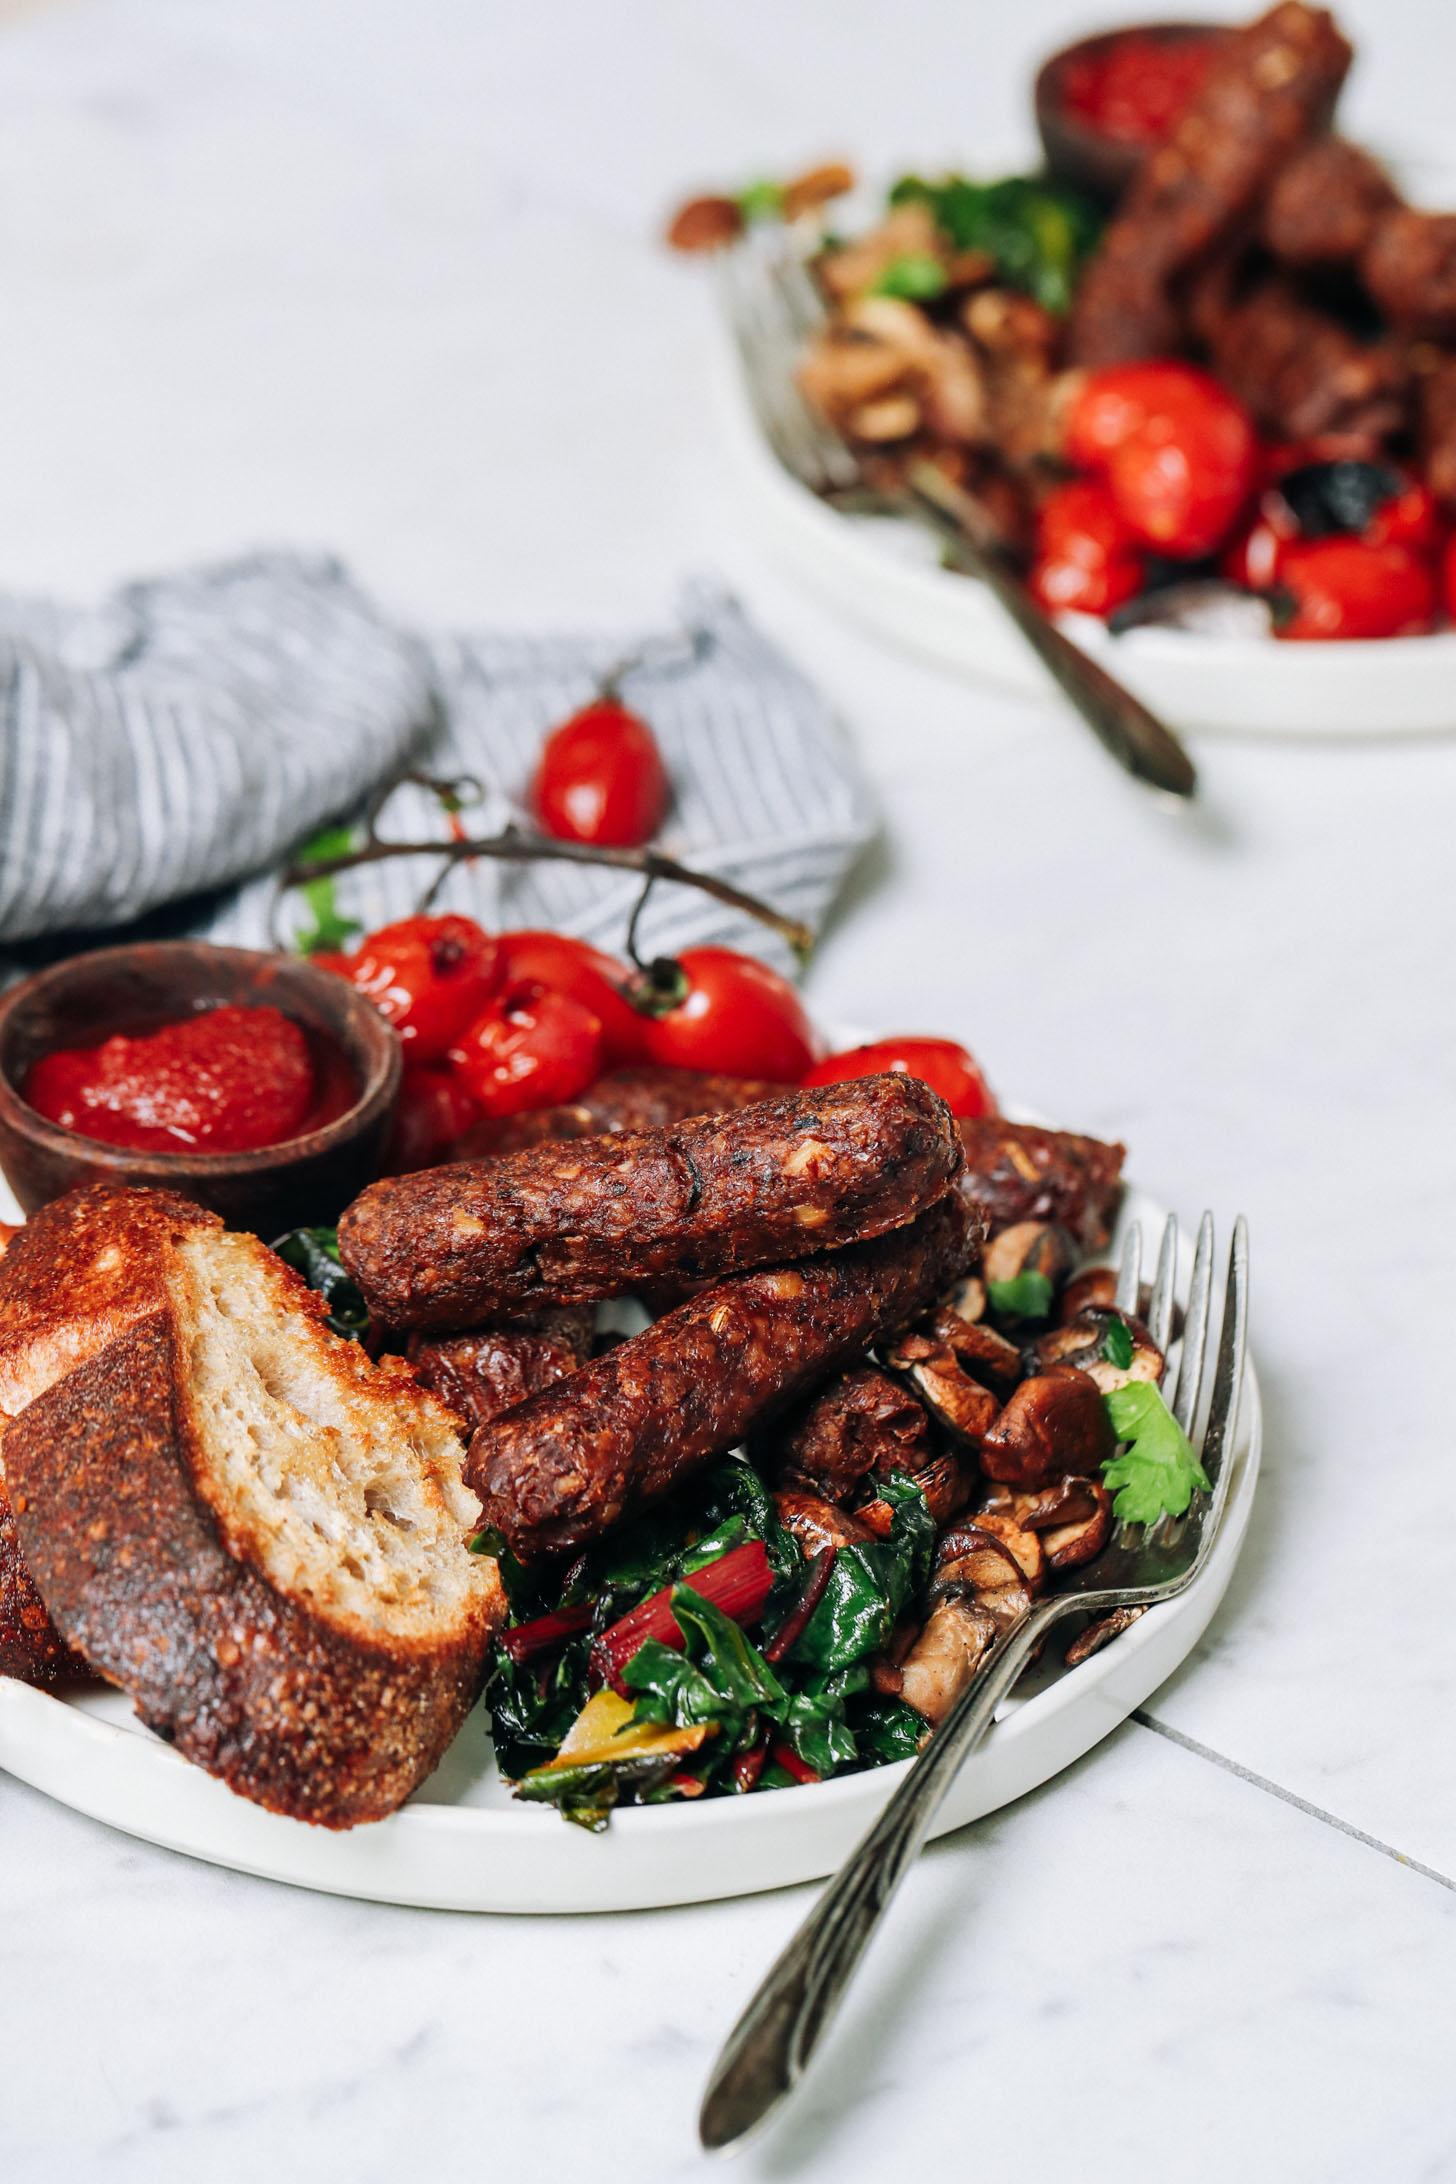 Assiette de saucisses végétaliennes pour le petit-déjeuner avec du pain grillé et des légumes